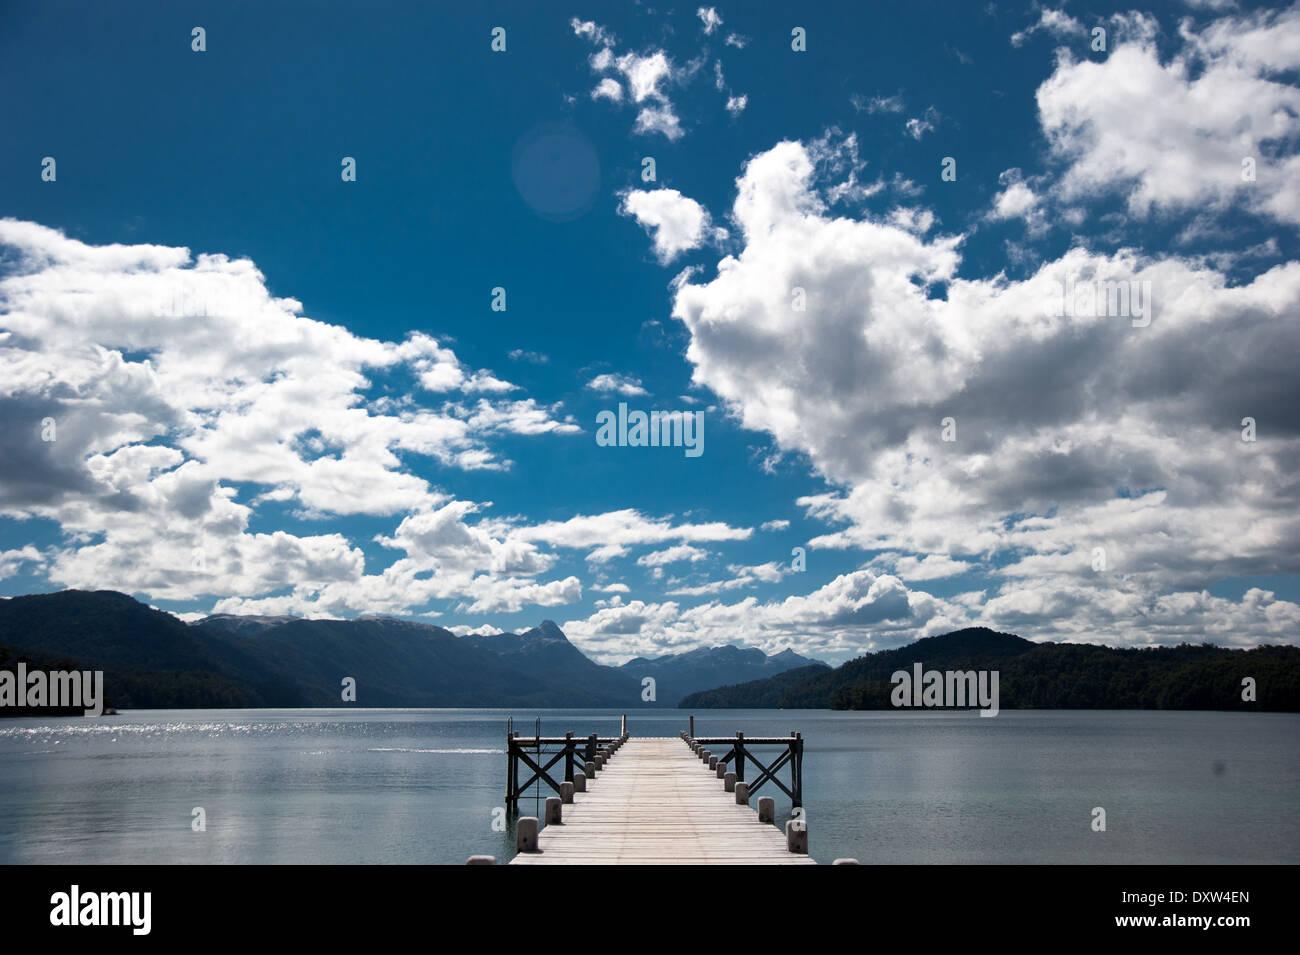 El Muelle al cielo - lago espejo - Camino de los 7 Lagos Immagini Stock